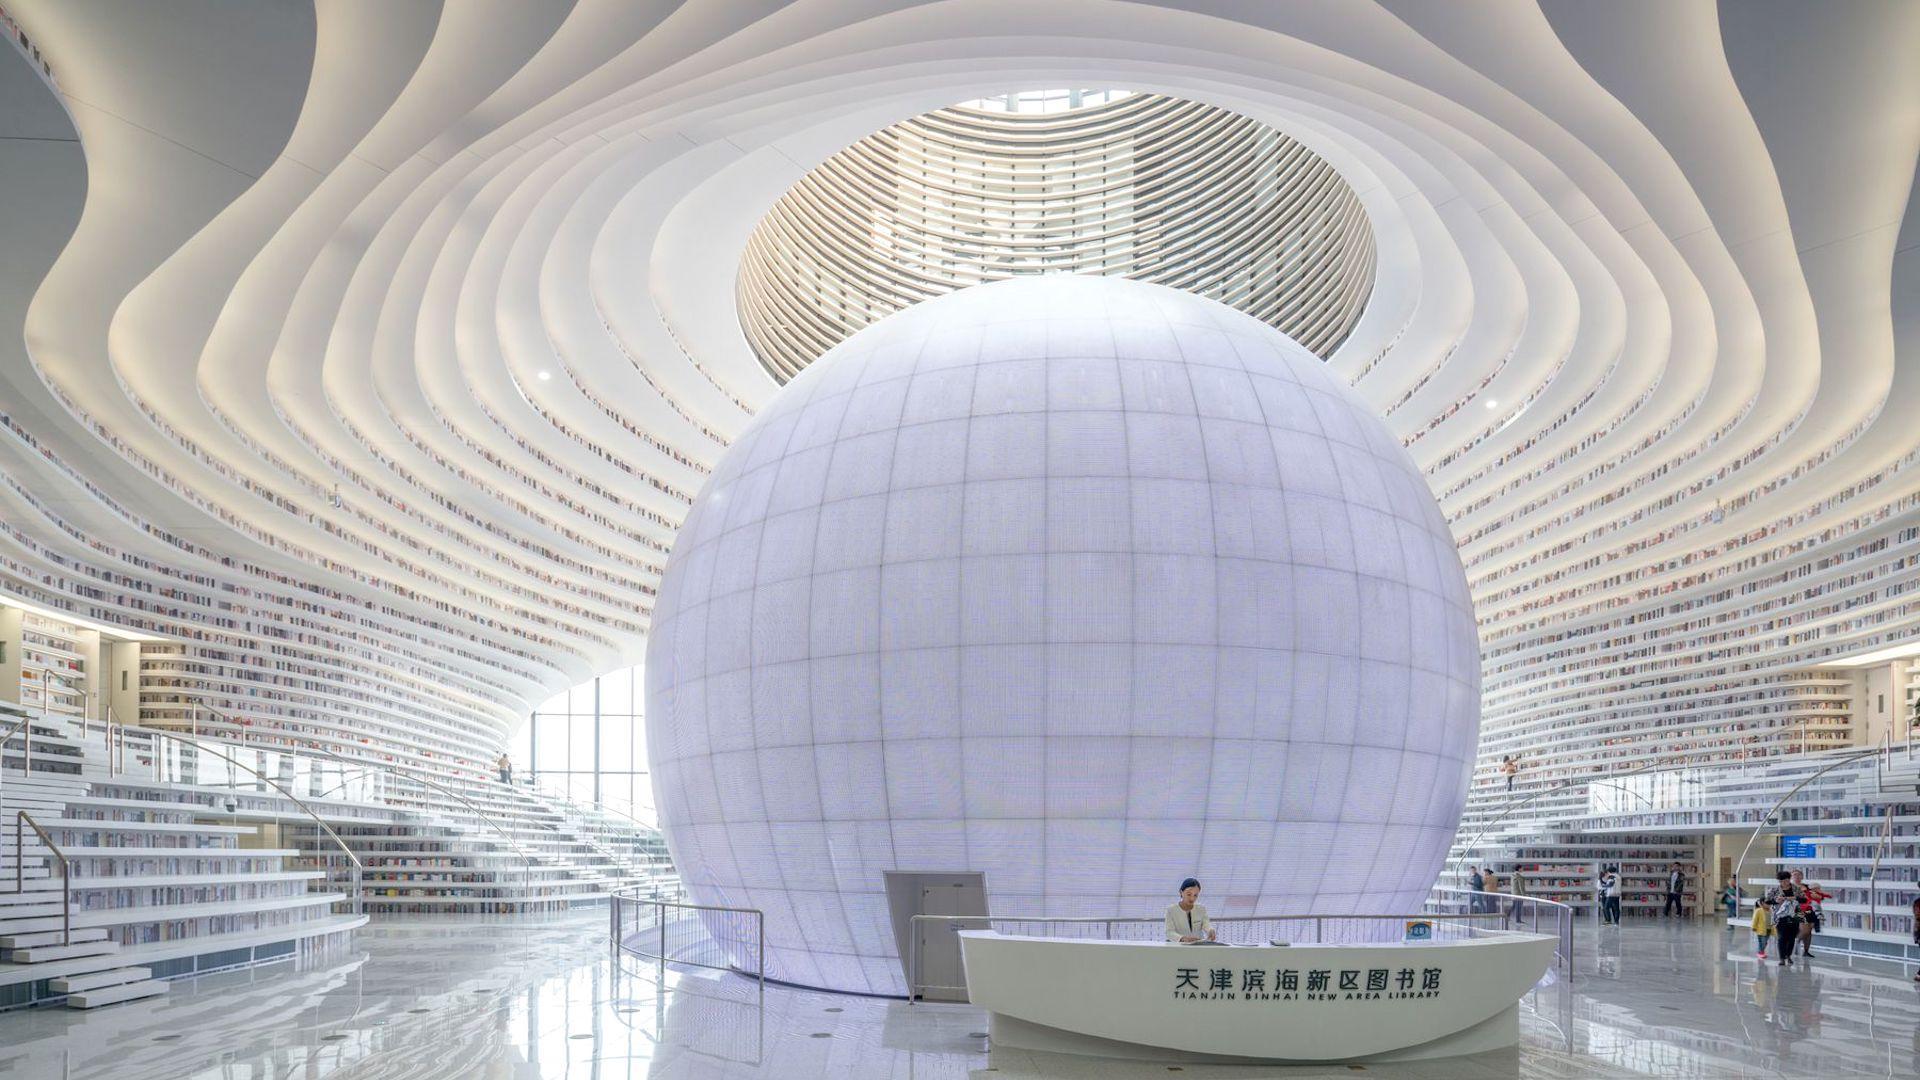 [Video] Esta es la biblioteca más revolucionaria del mundo